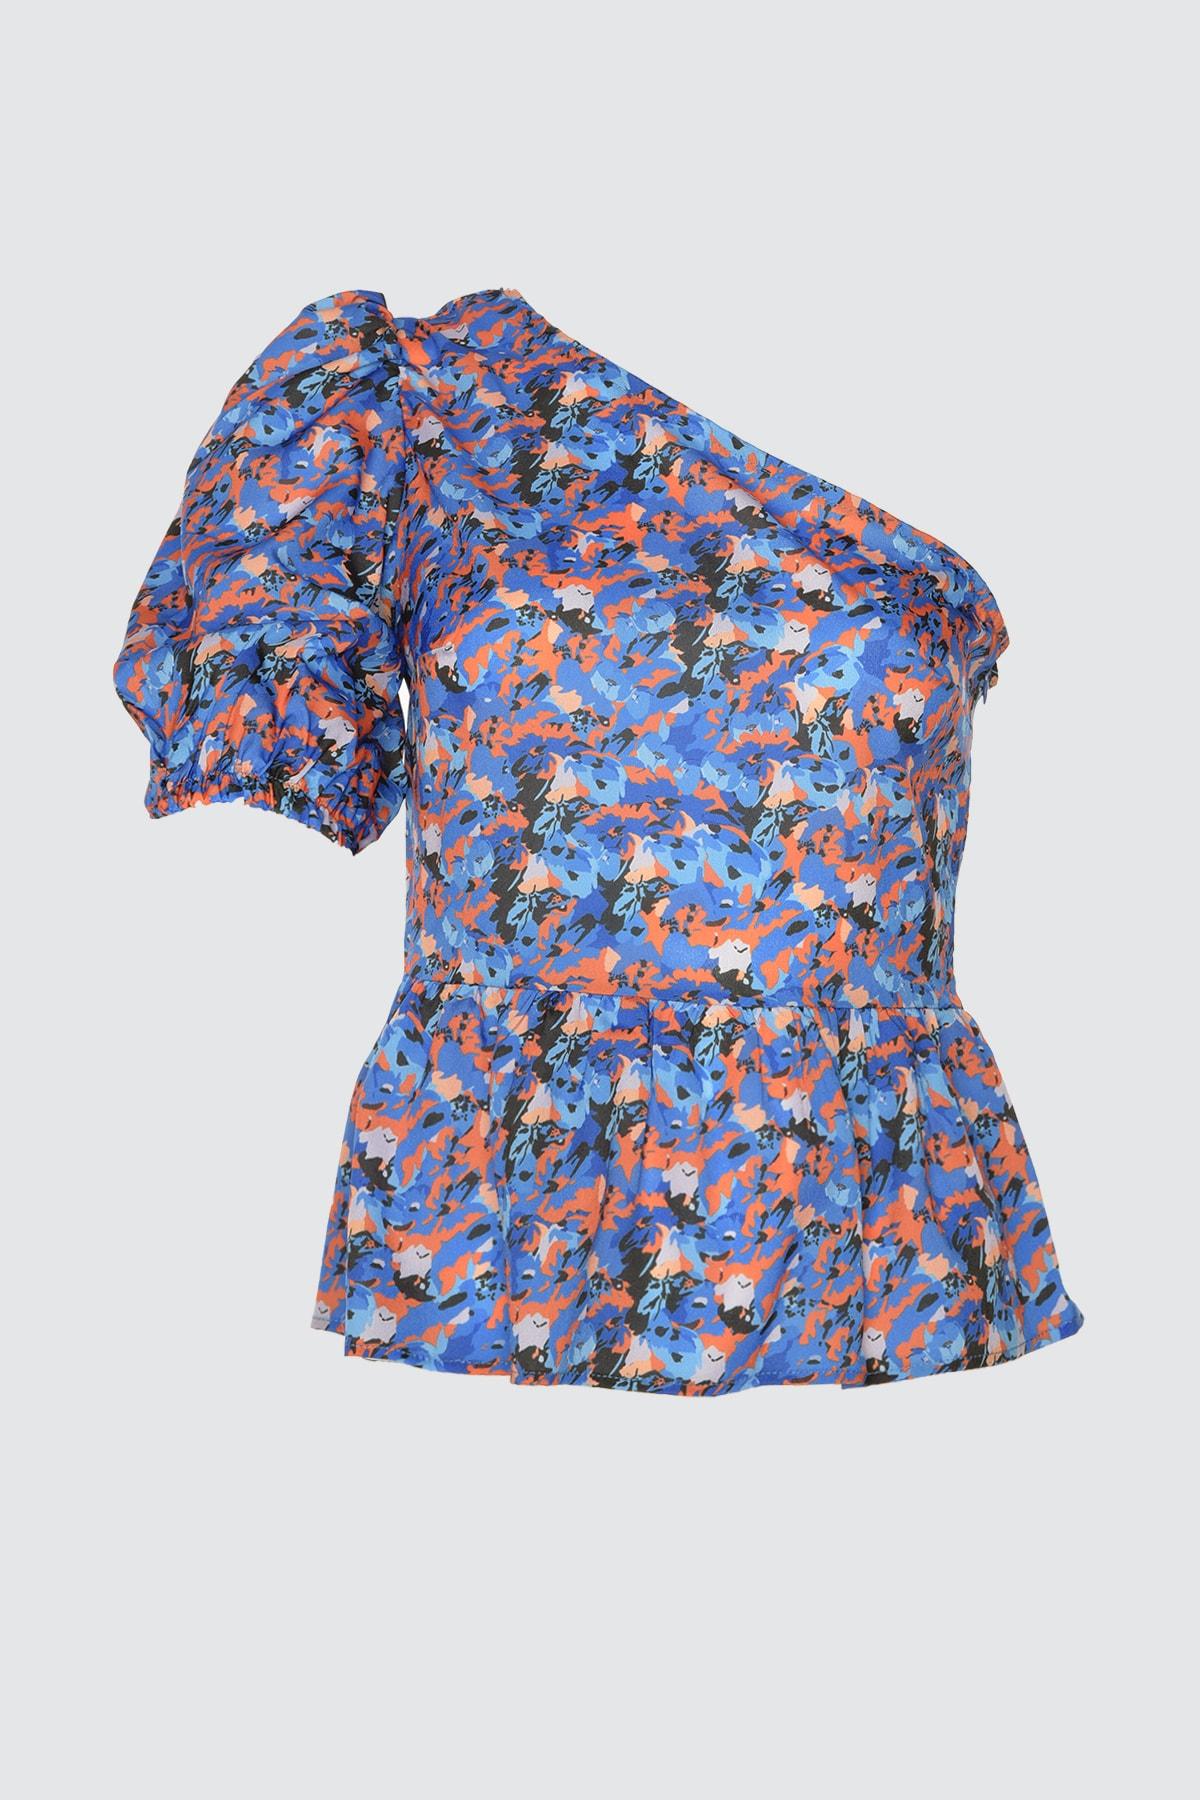 Mavi Baskı Desenli Bluz TWOSS20BZ1237